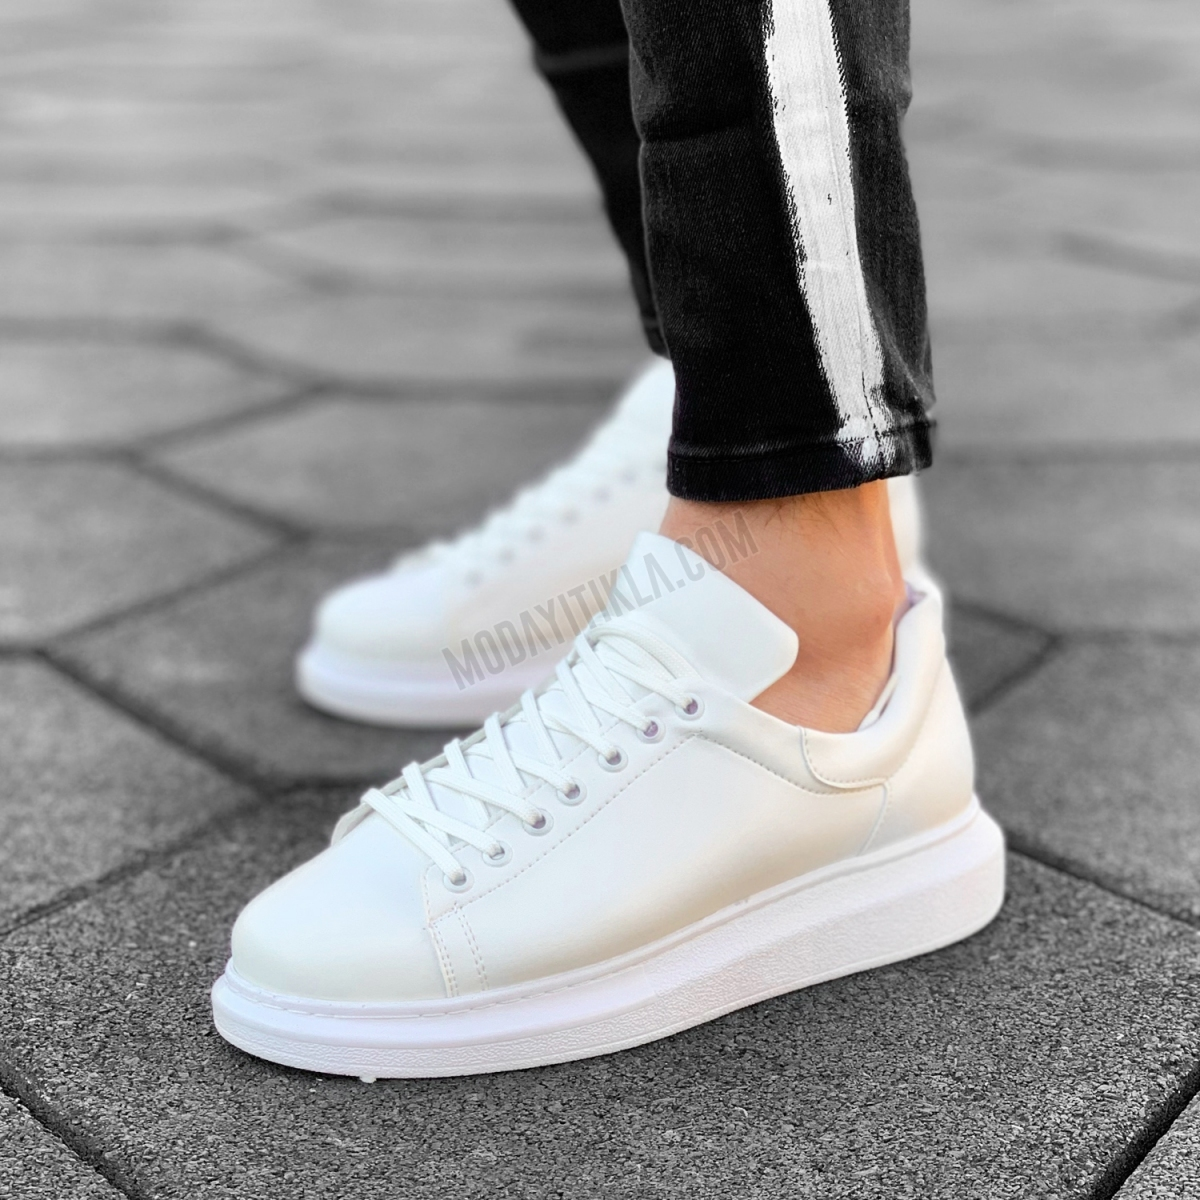 Erkek Yüksek Tabanlı Erkek Beyaz Sneaker Ayakkabı